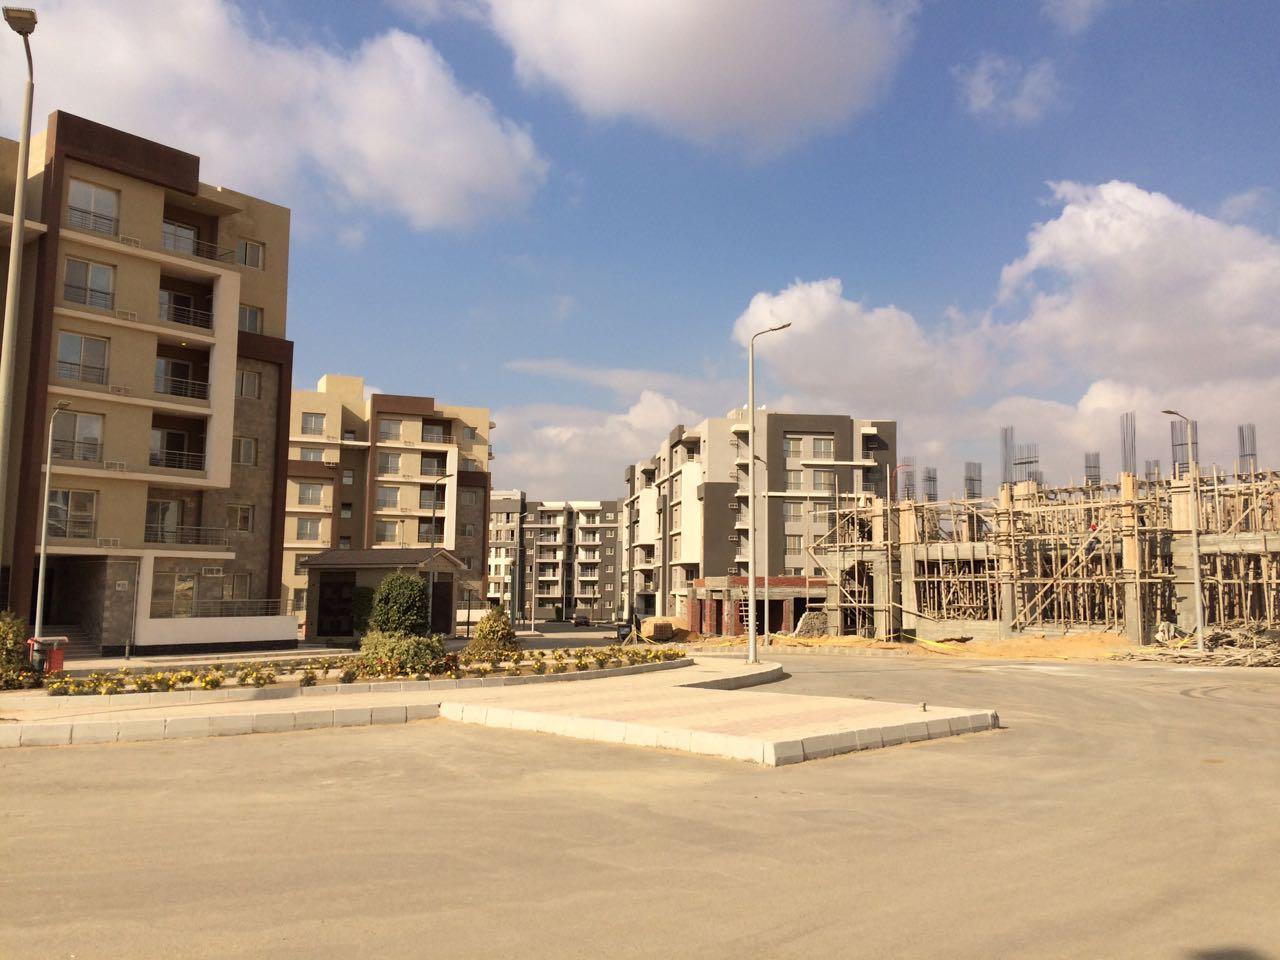 اليوم السابع داخل مشروع دار مصر بالقاهرة الجديدة  (1)